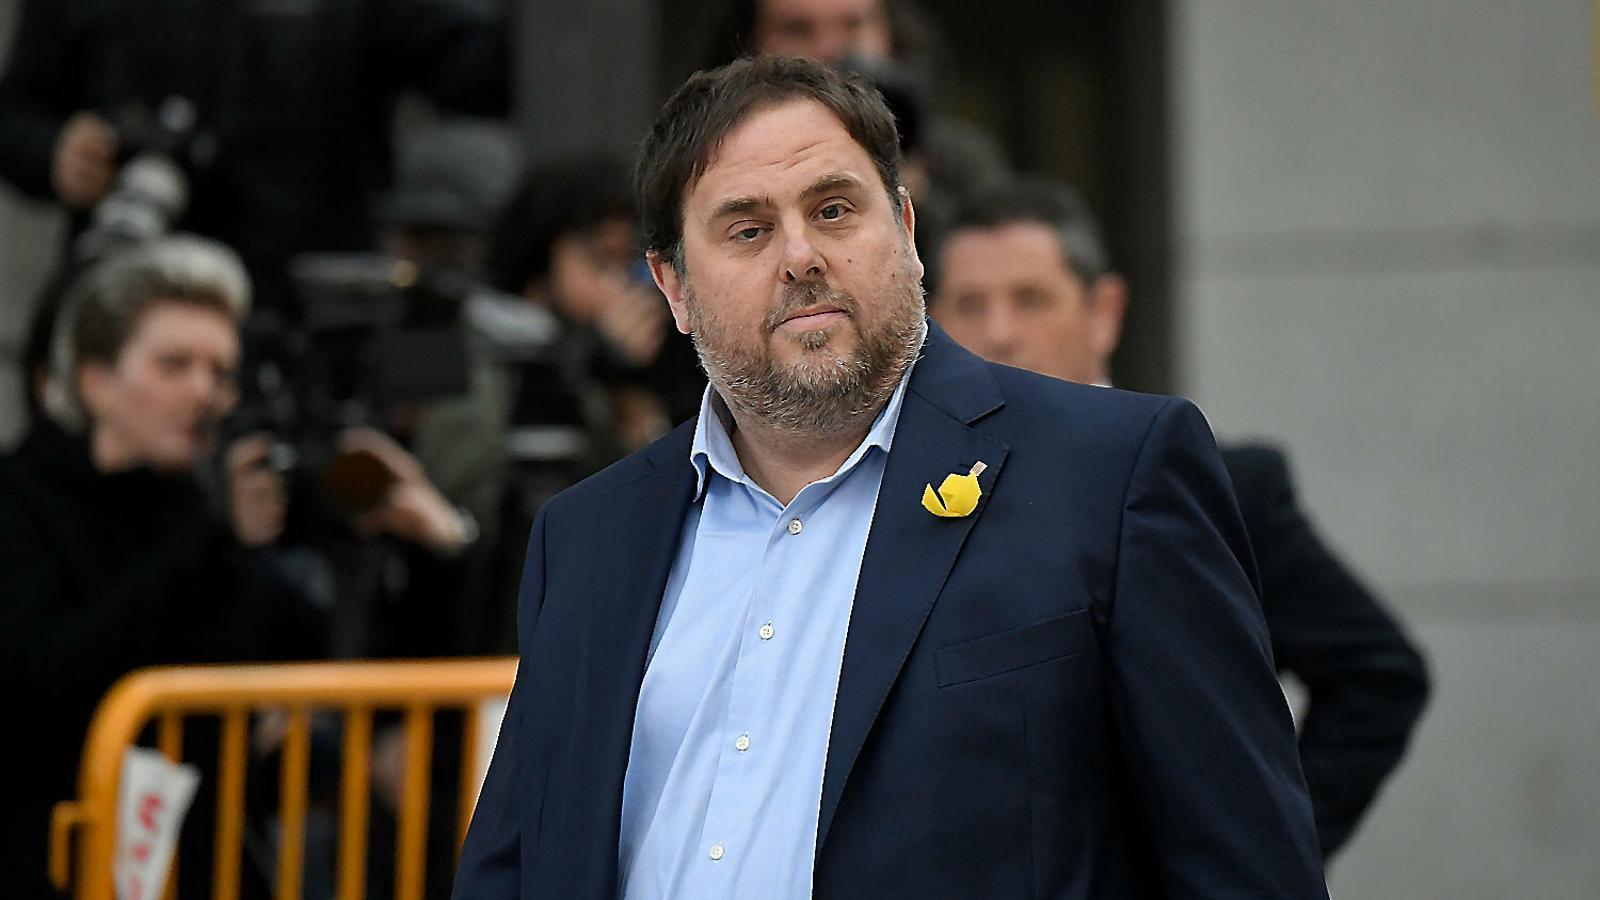 L'Advocacia de l'Estat, a favor que Junqueras pugui anar al Congrés a recollir l'acta d'eurodiputat